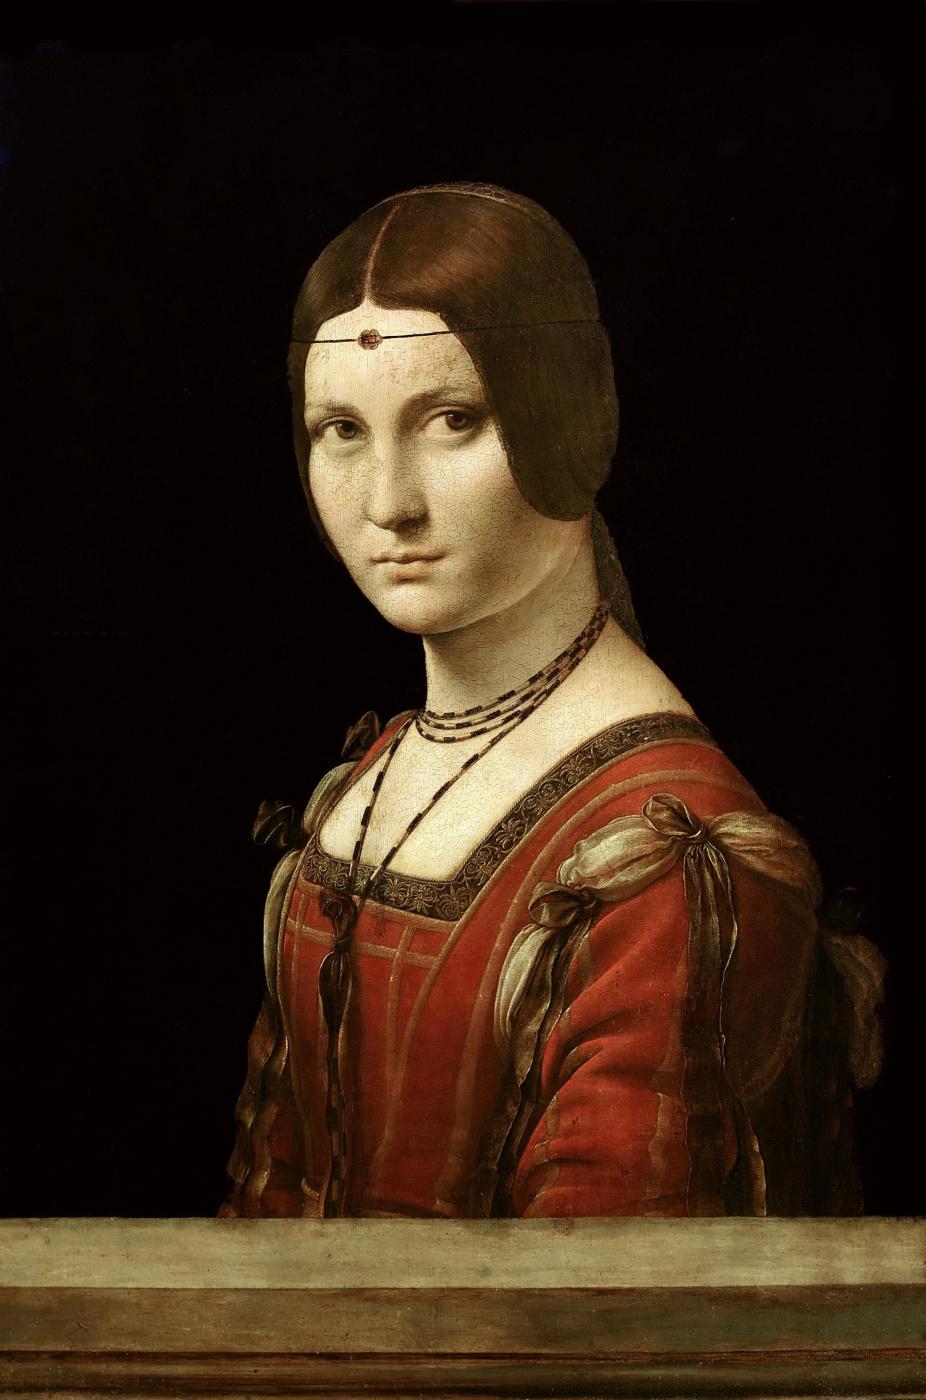 Леонардо да Винчи. Прекрасная ферроньера (Портрет неизвестной)